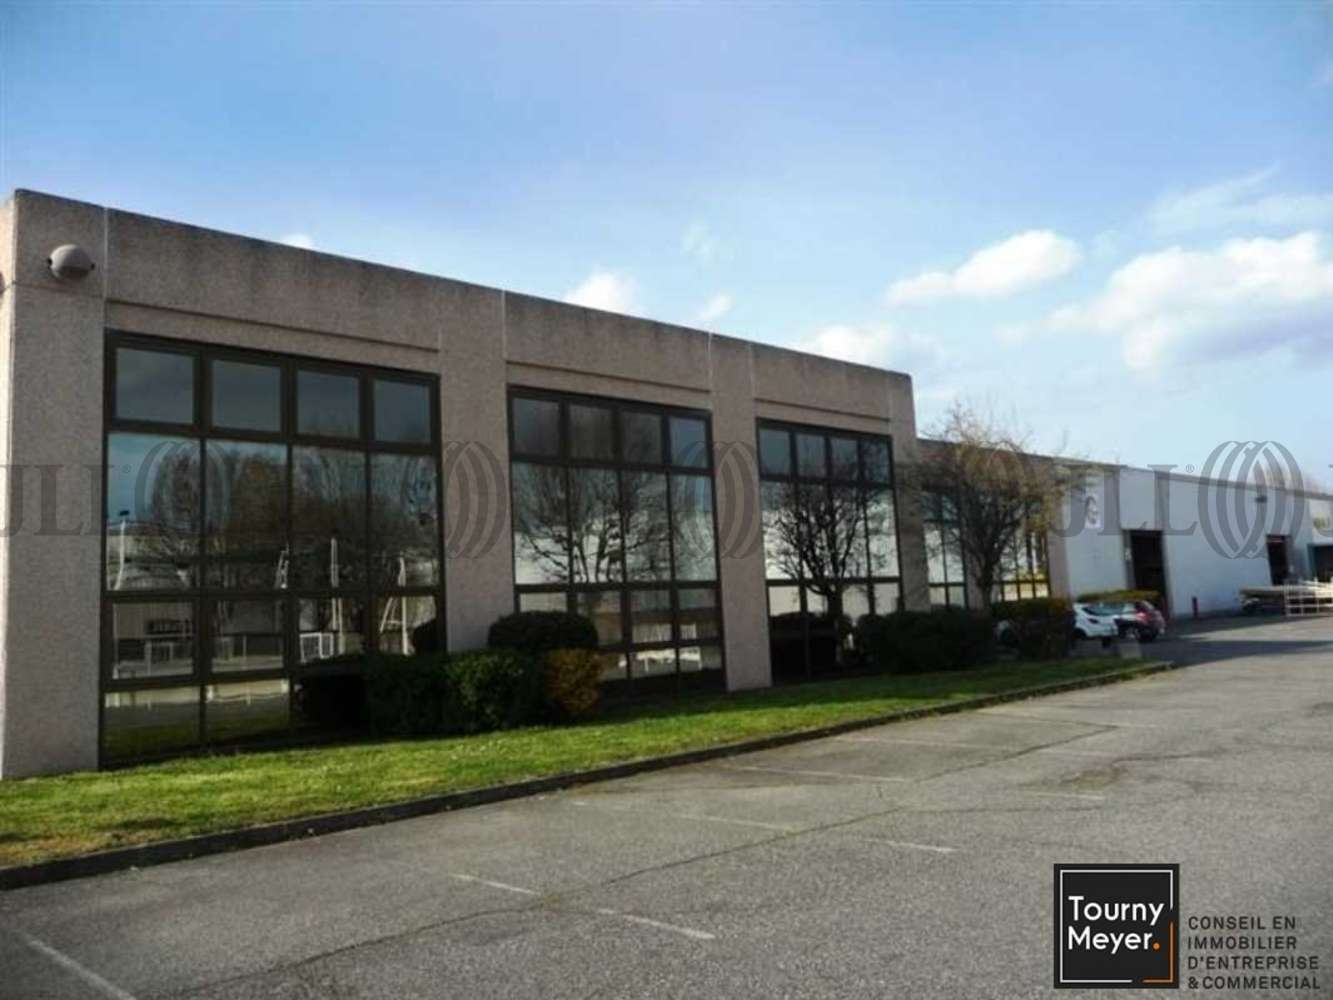 Activités/entrepôt Toulouse, 31400 - 5 CHEMIN CARROSSE - 10765544